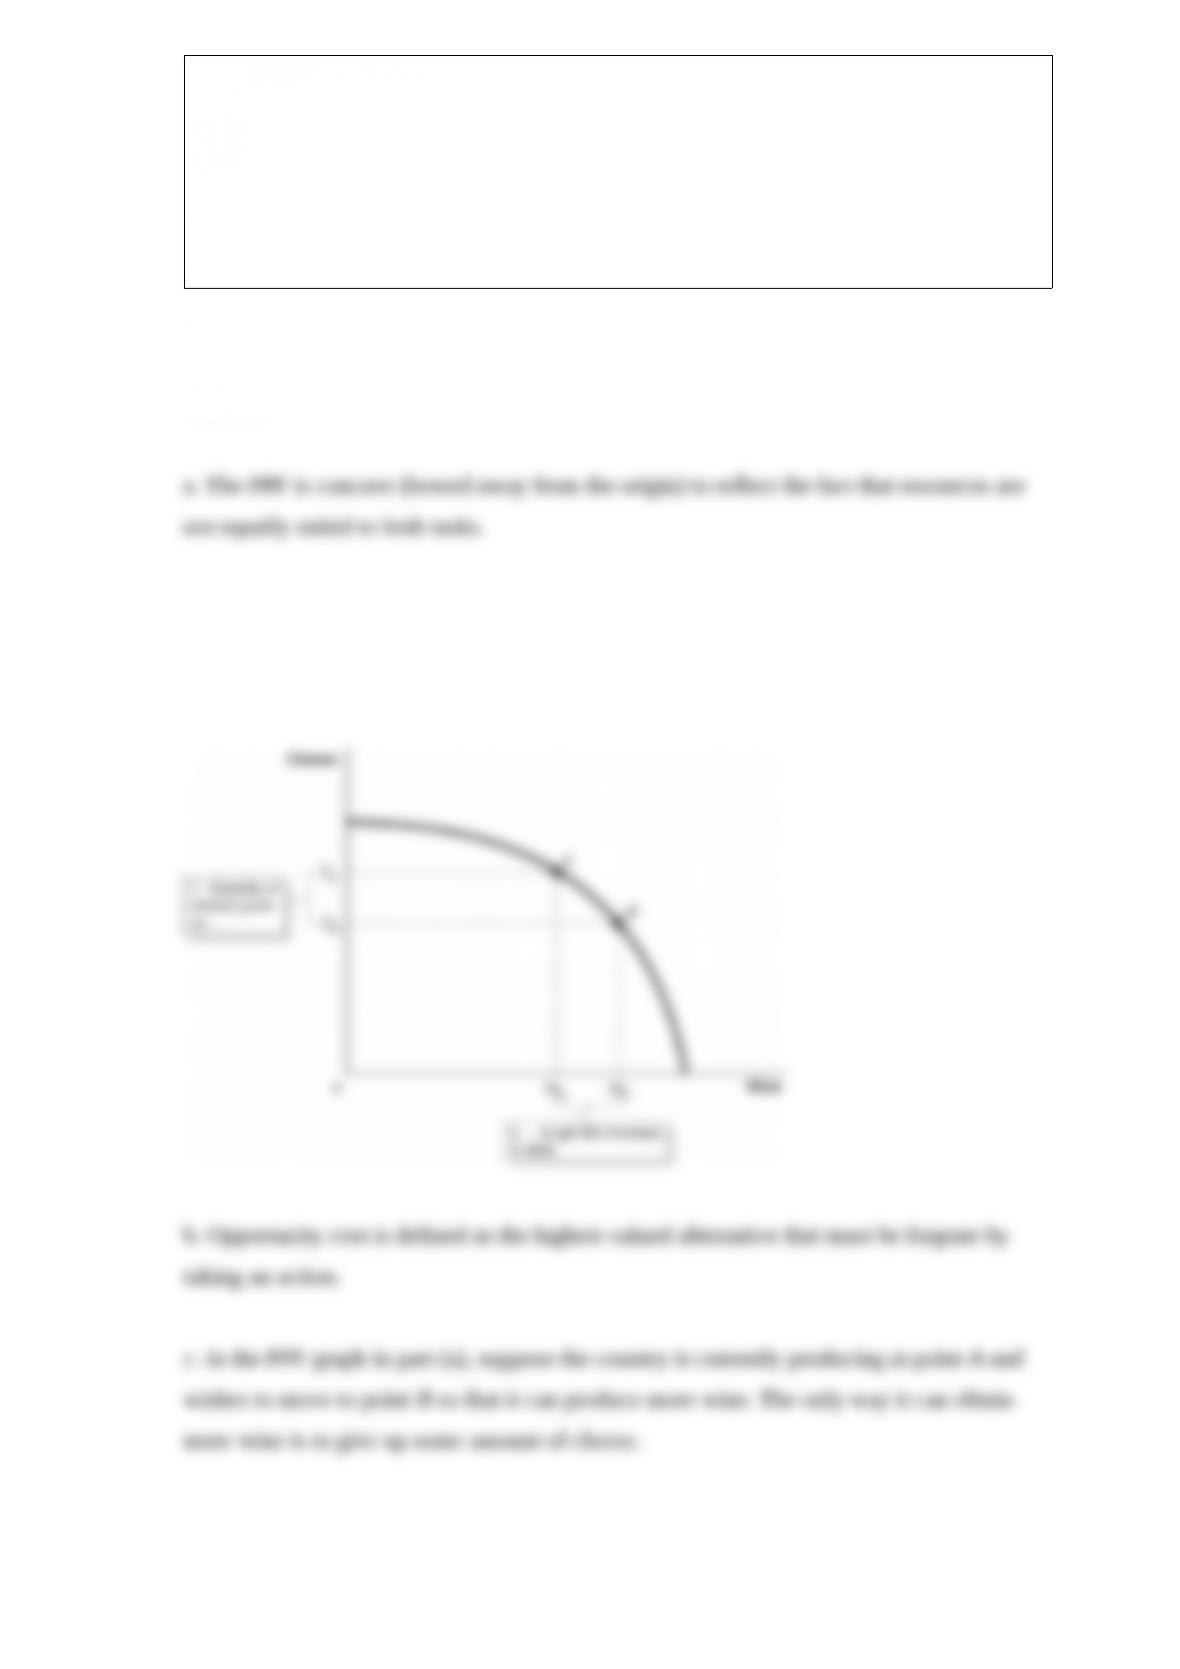 Economics 156 Midterm 2